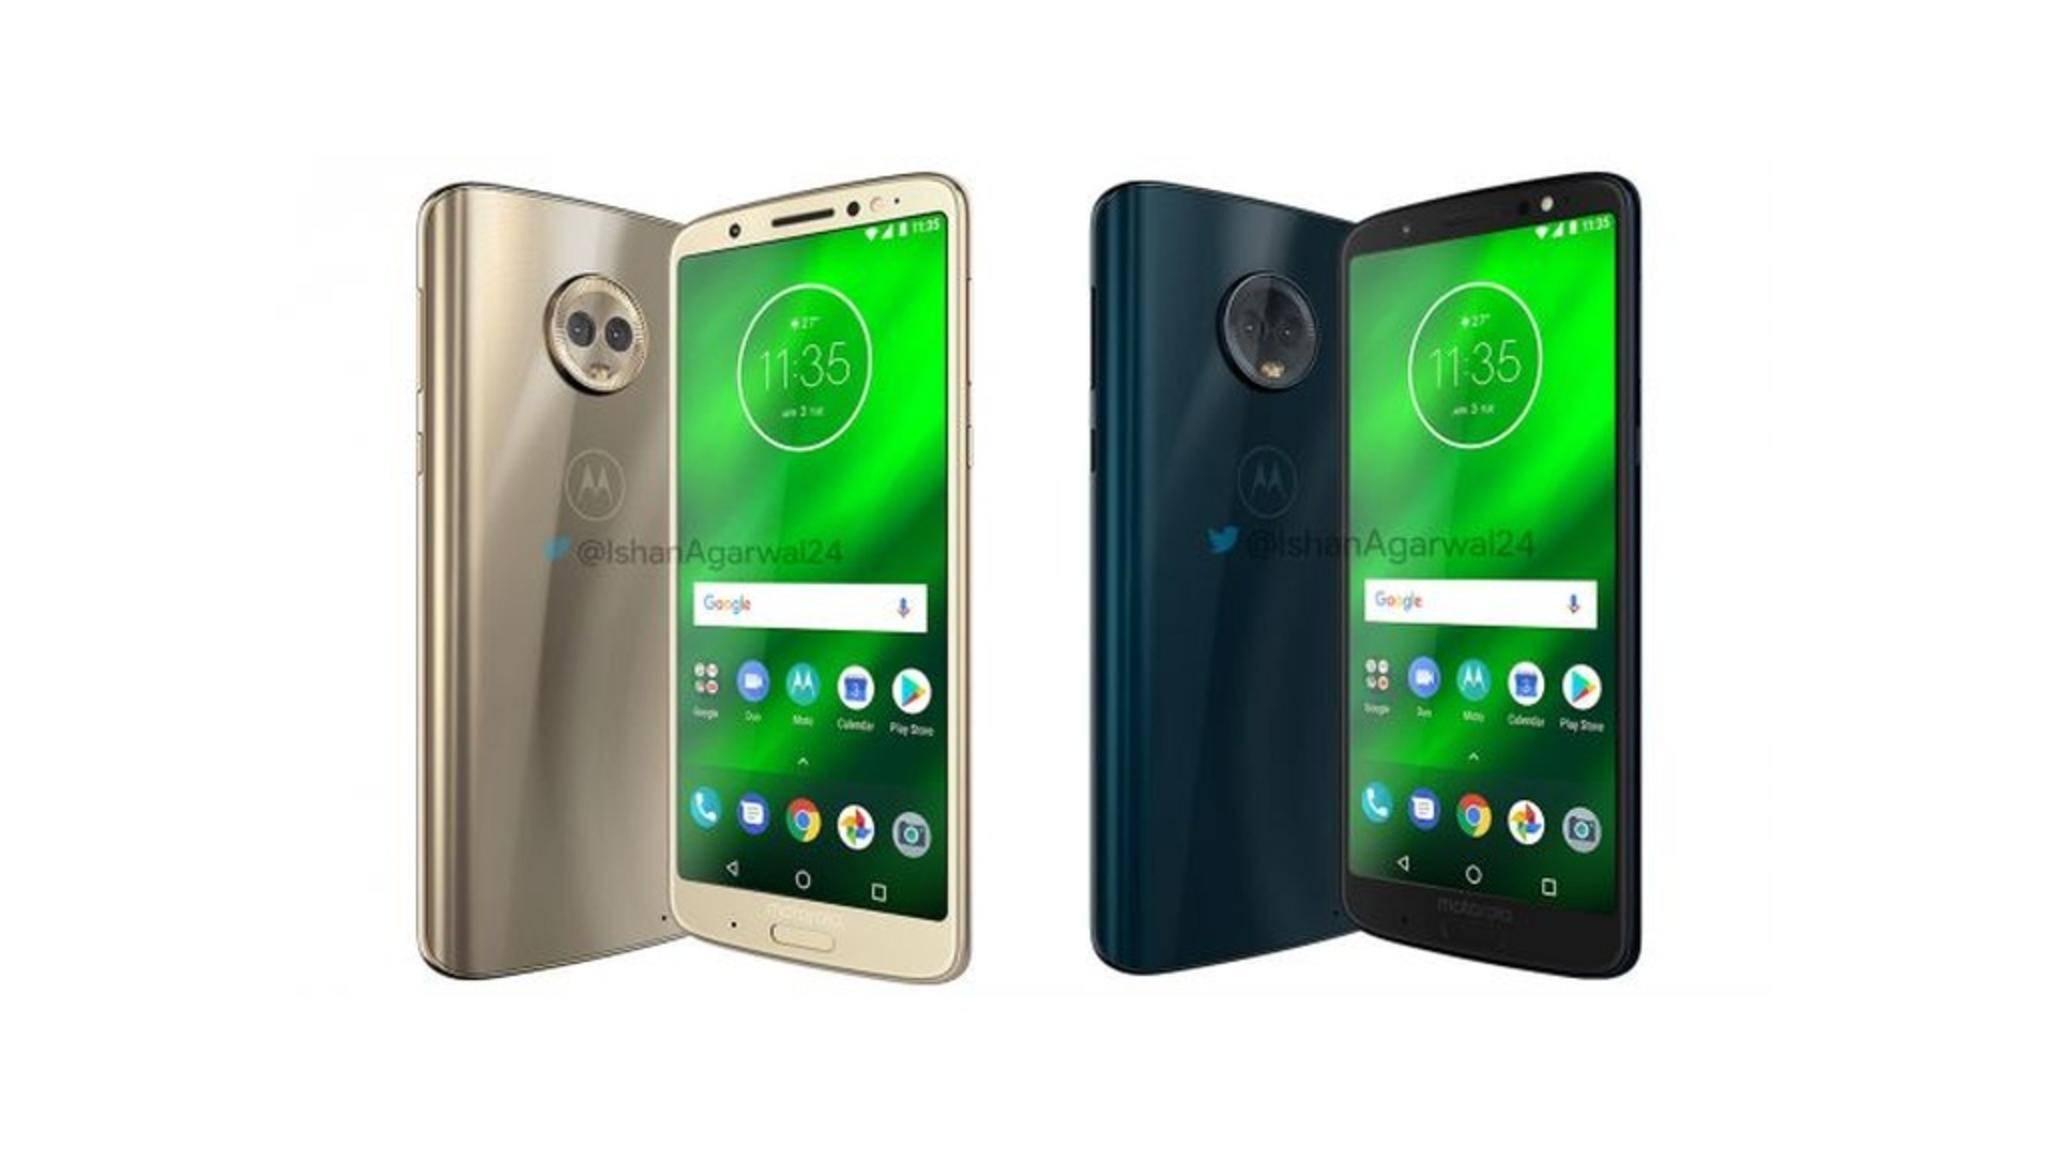 Das Motorola Moto G6 Plus ist wohl das leistungsstärkste Smartphone der Moto-G6-Serie.